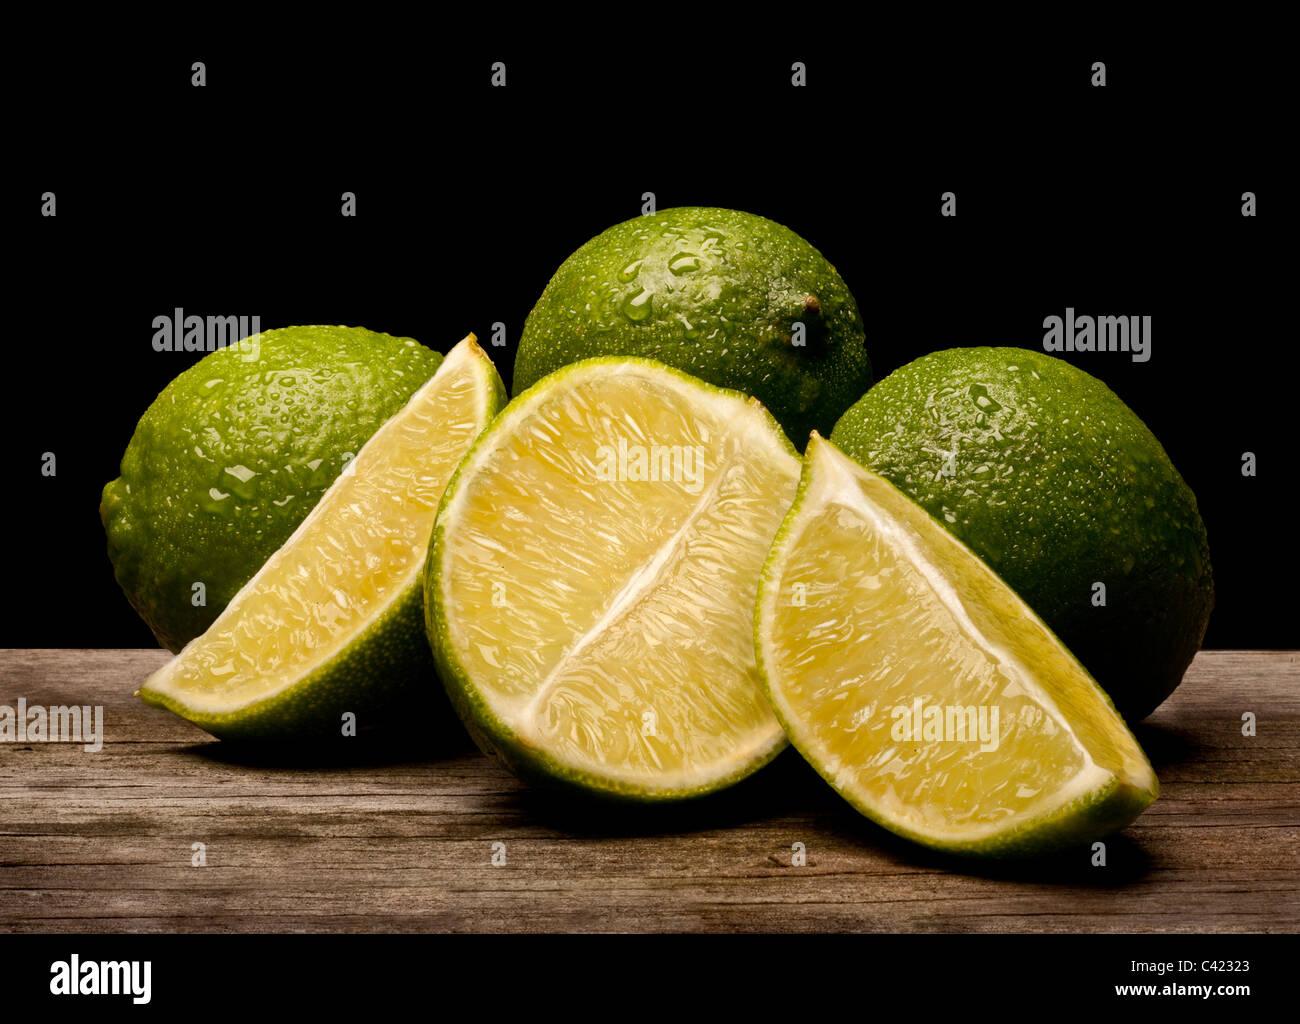 Con rodajas de limón fresco. Los alimentos Imagen De Stock